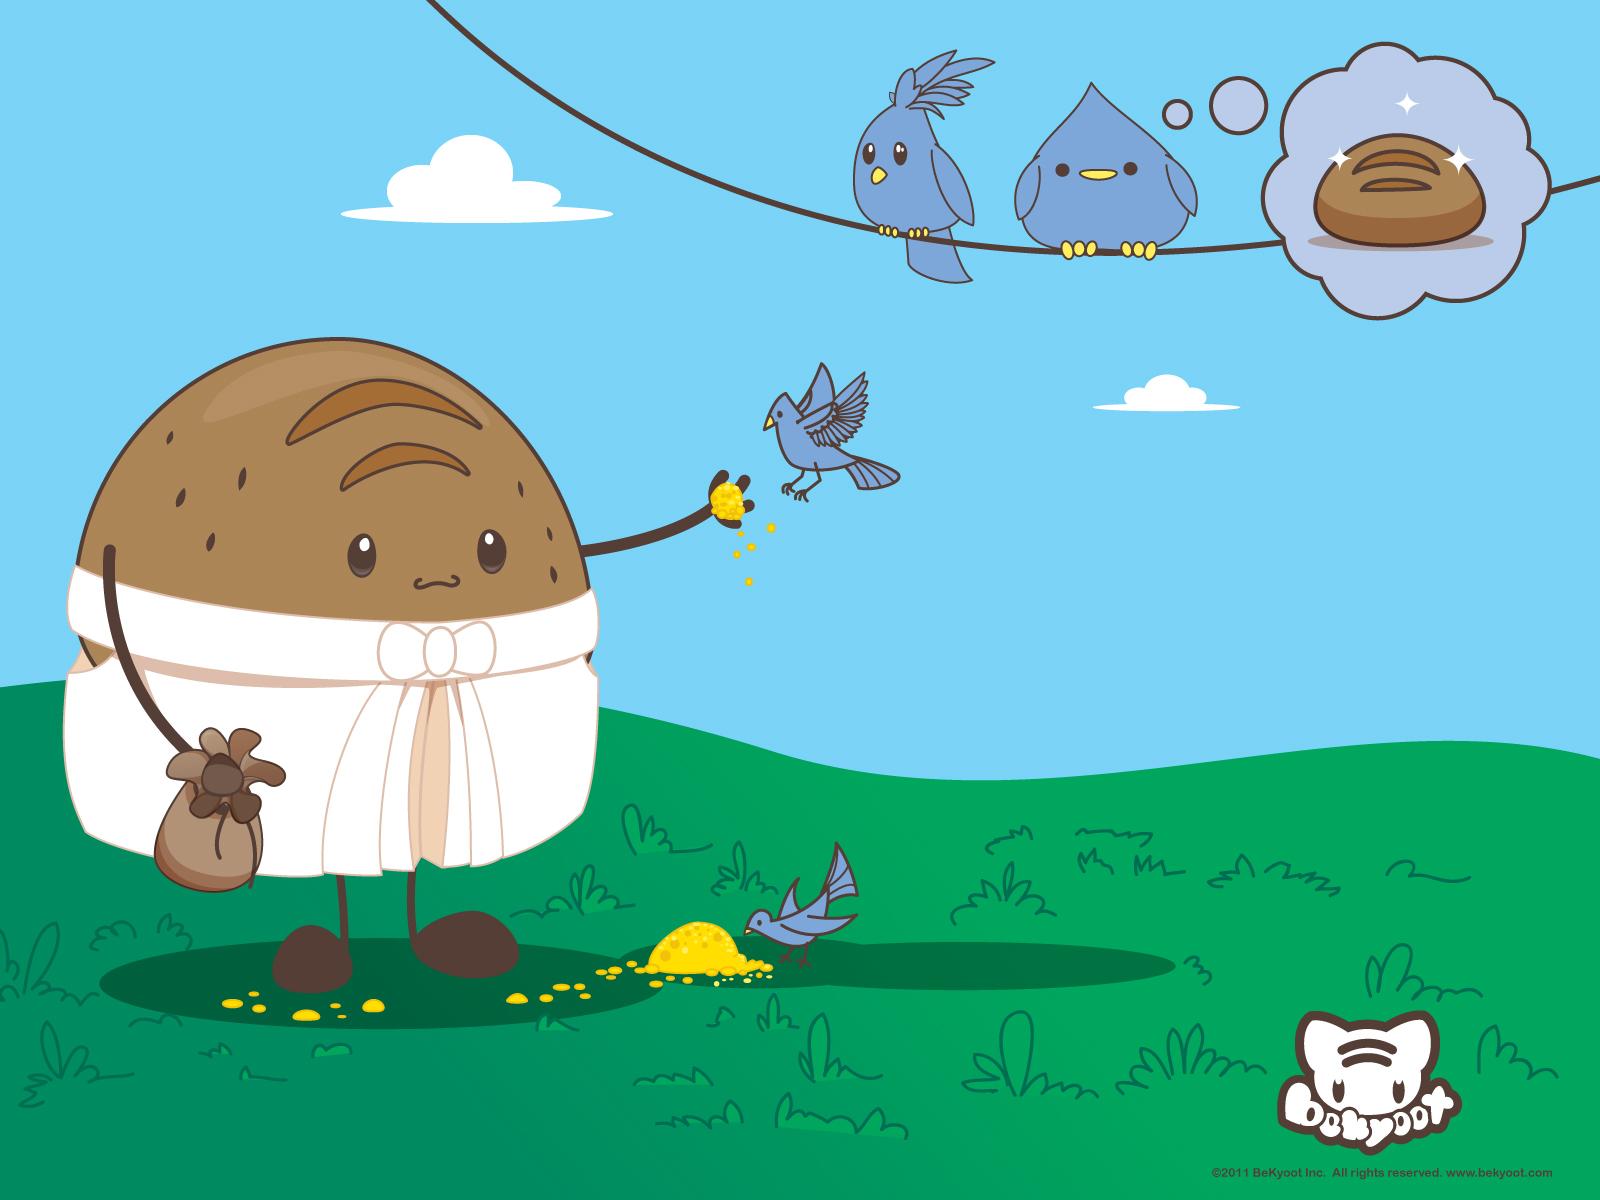 http://www.bekyoot.com/wp-content/uploads/2011/06/BeKyootSamusBirds1600.jpg